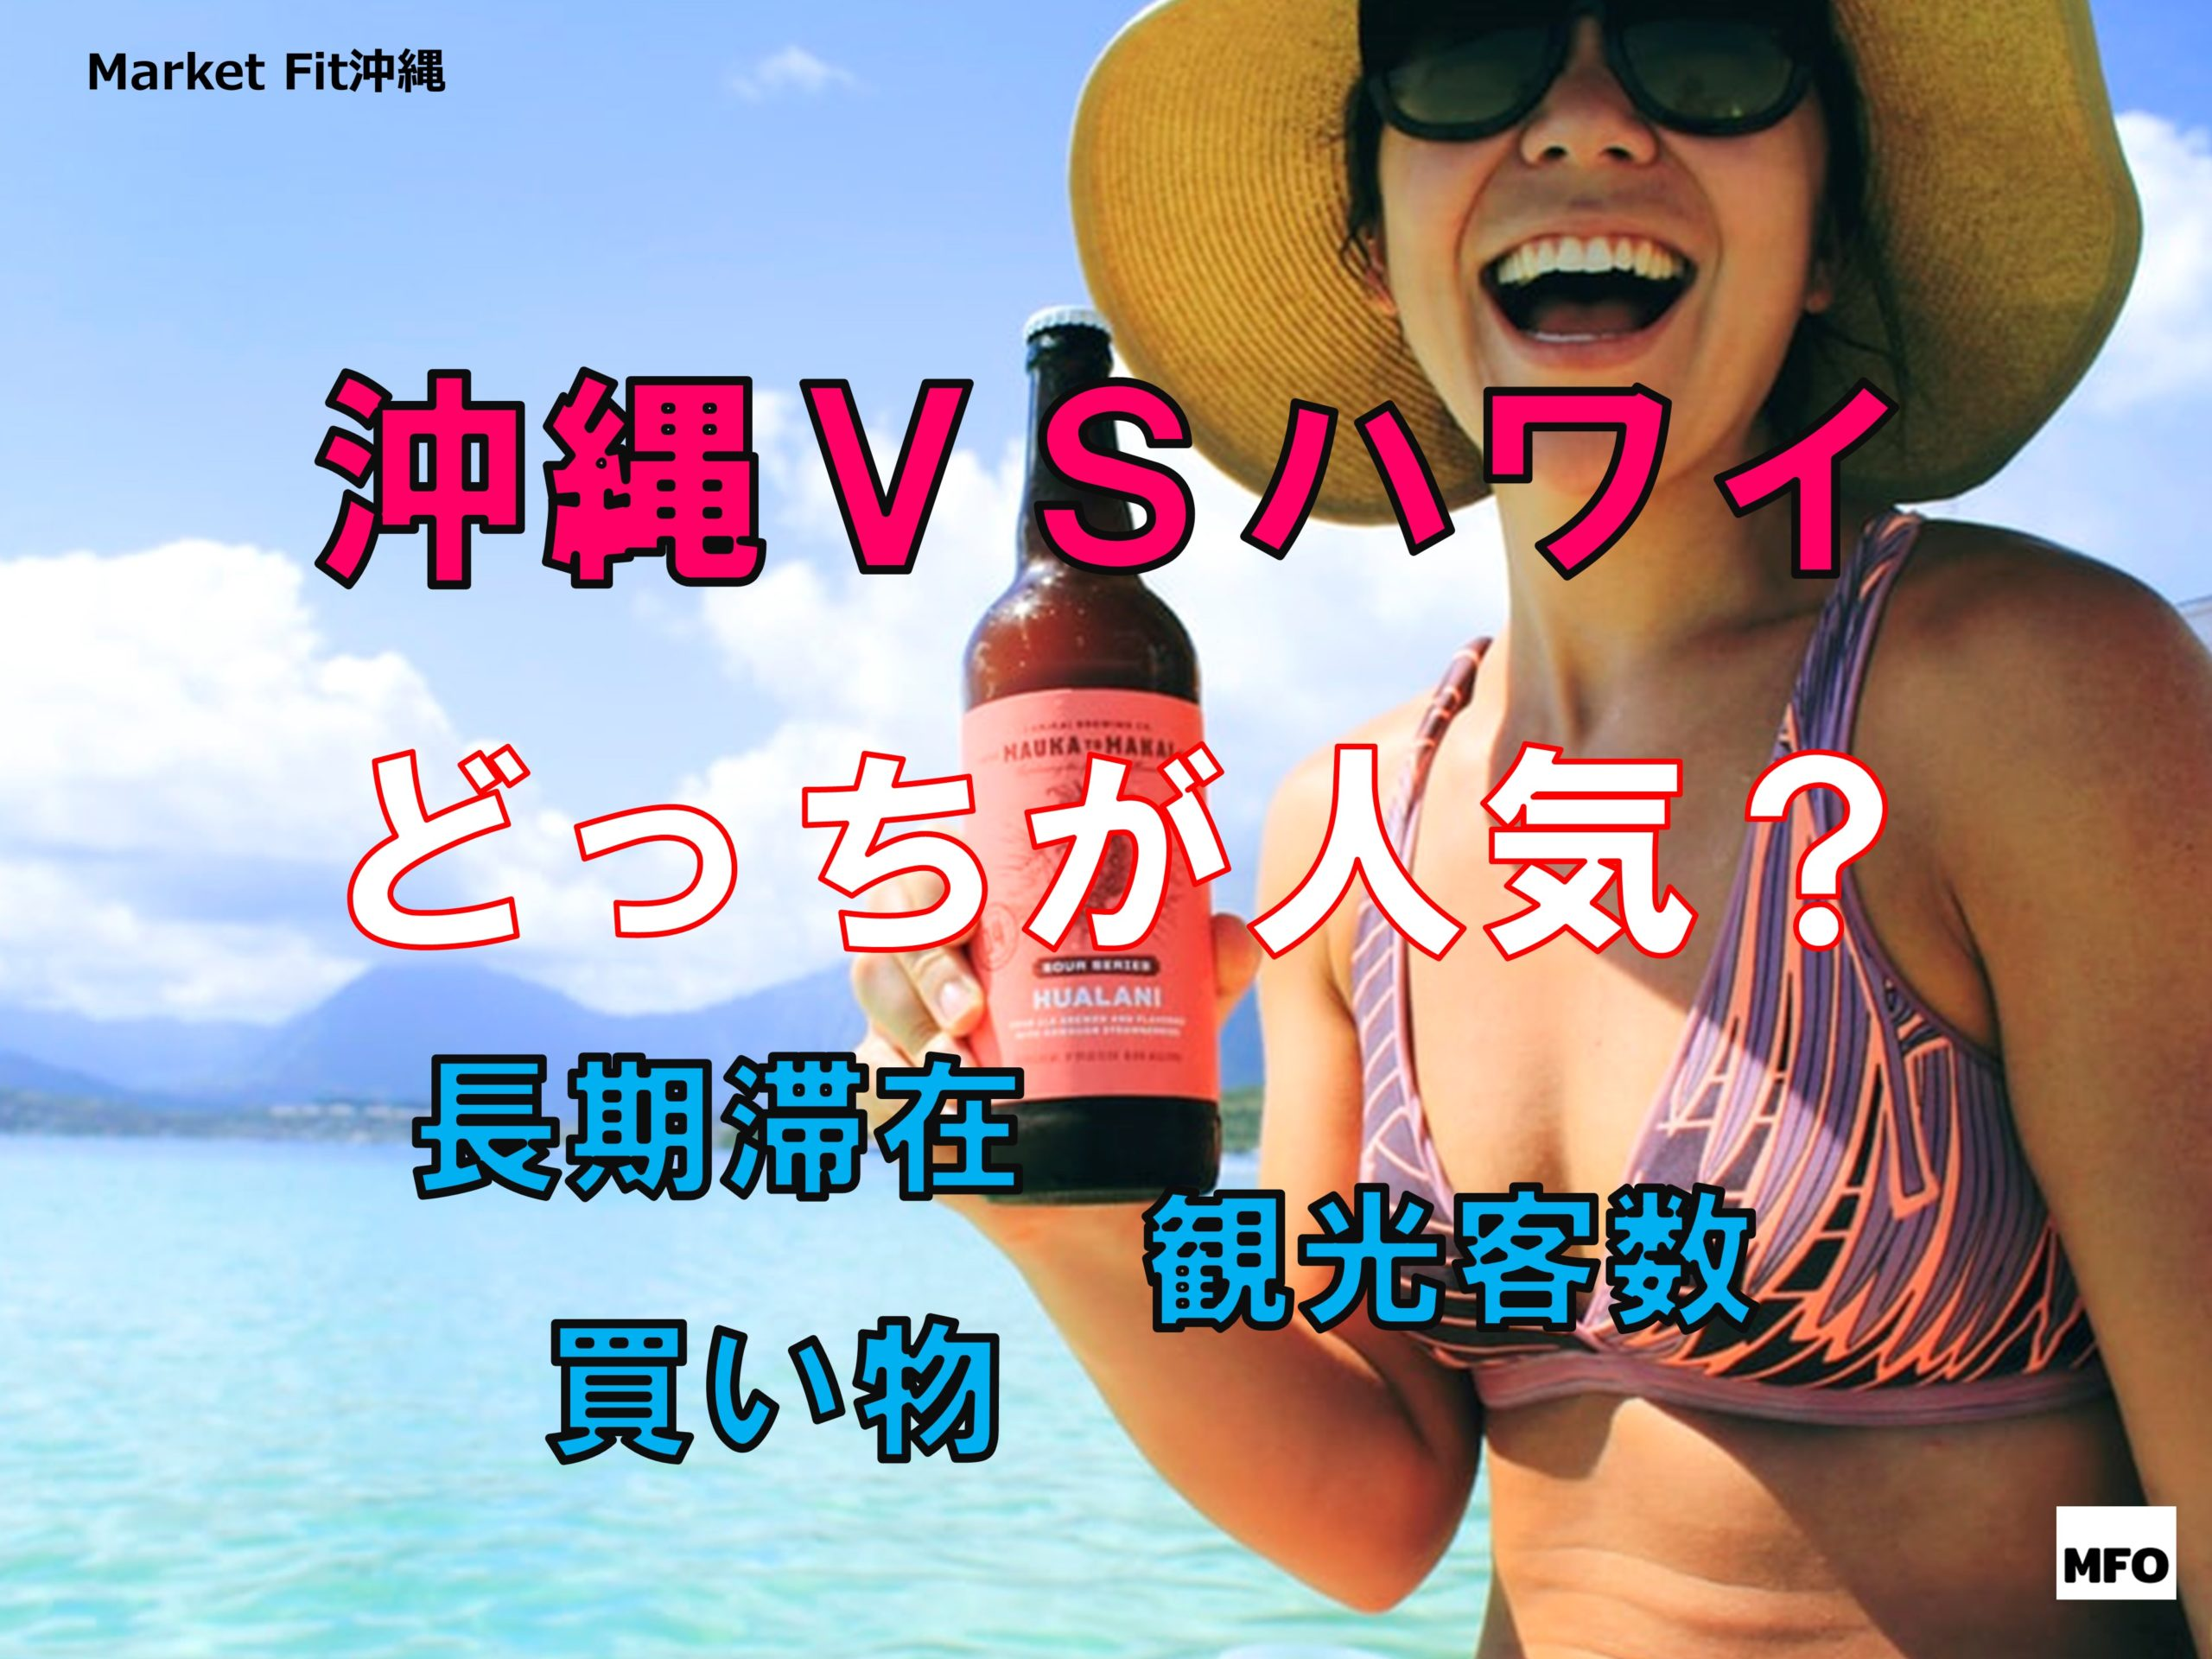 沖縄とハワイどっちが人気